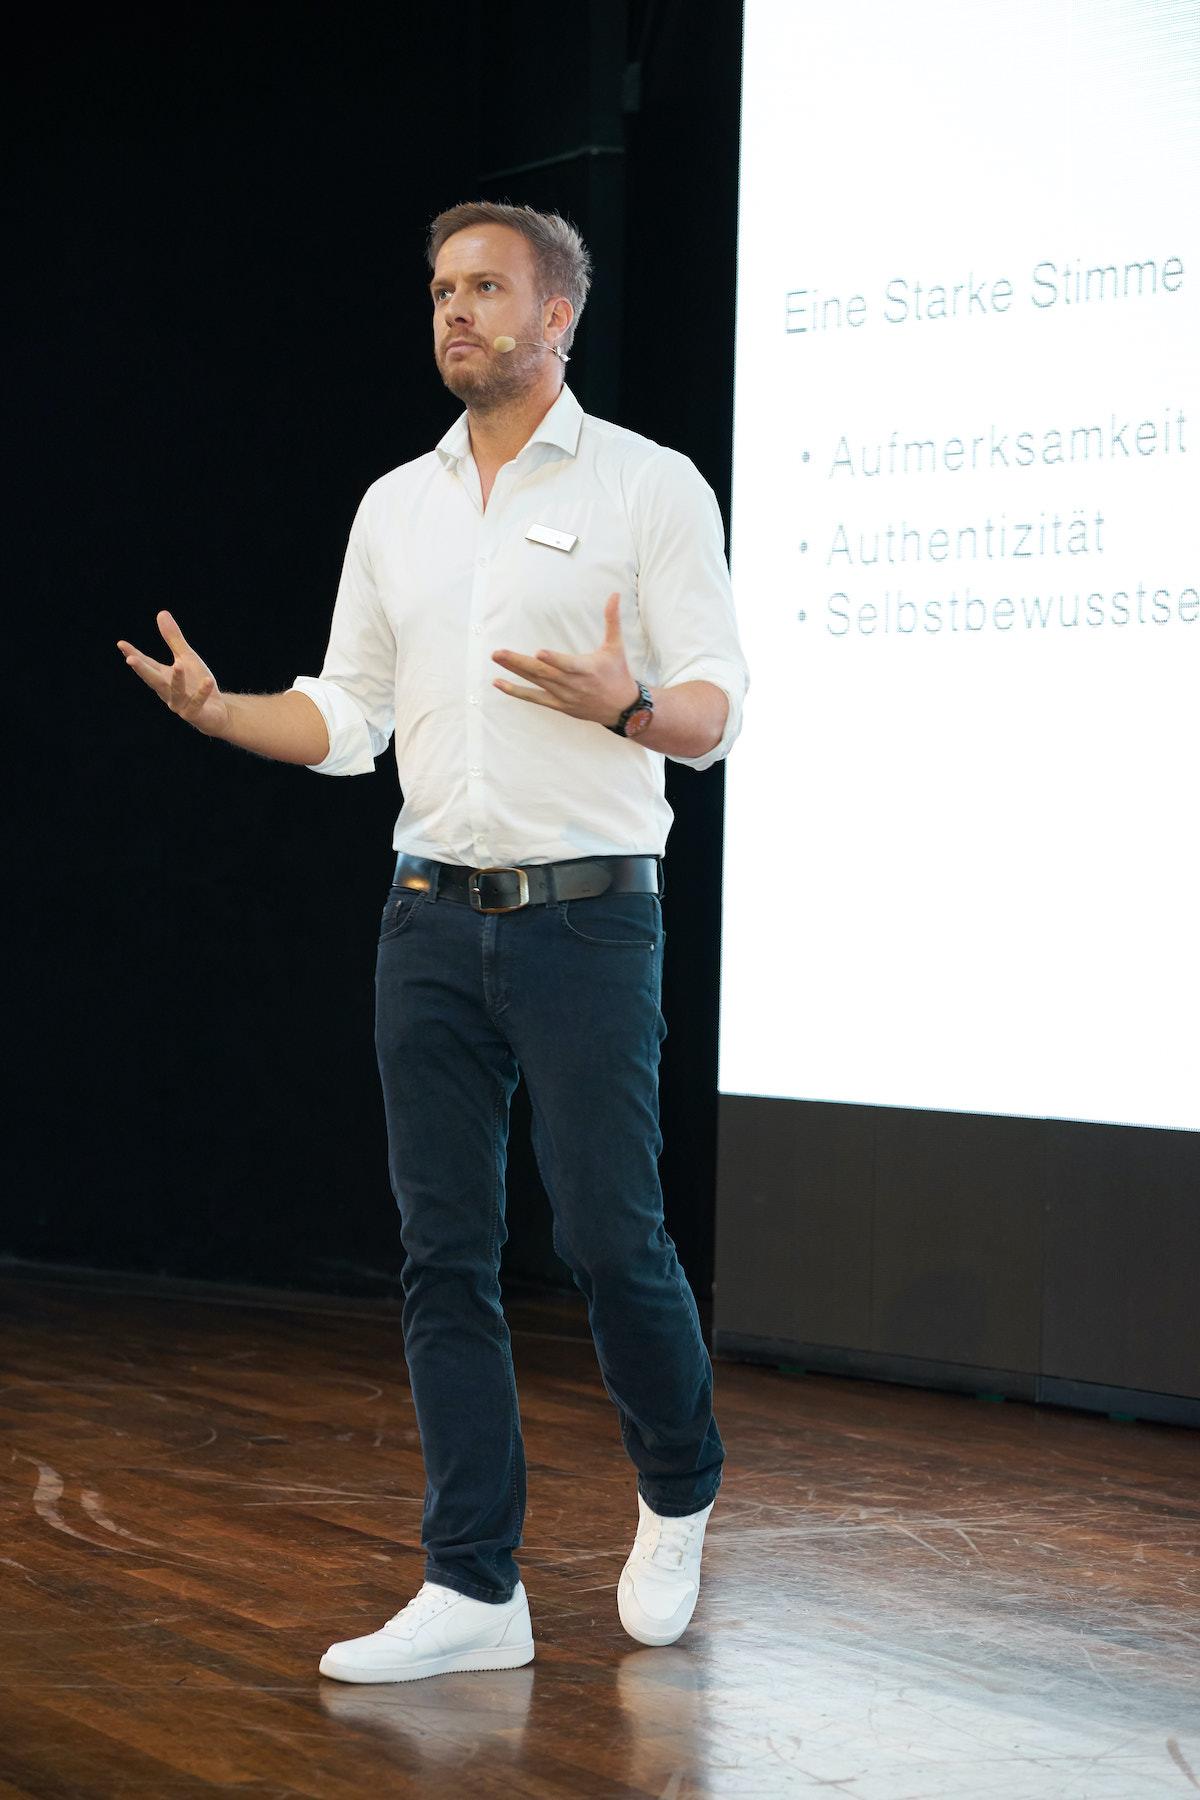 Gerrit Winter - Motivationscoach auf der AIDA